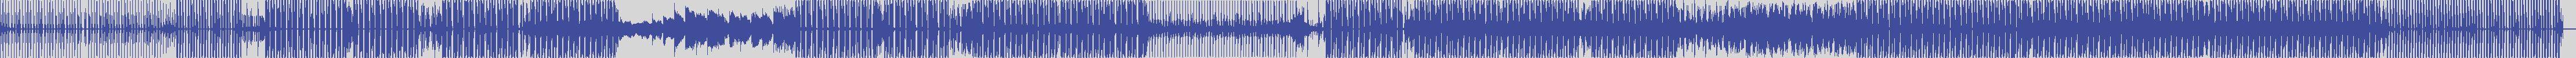 just_digital_records [JS1121] Franz Costa - Yellow Bag [Original Mix] audio wave form